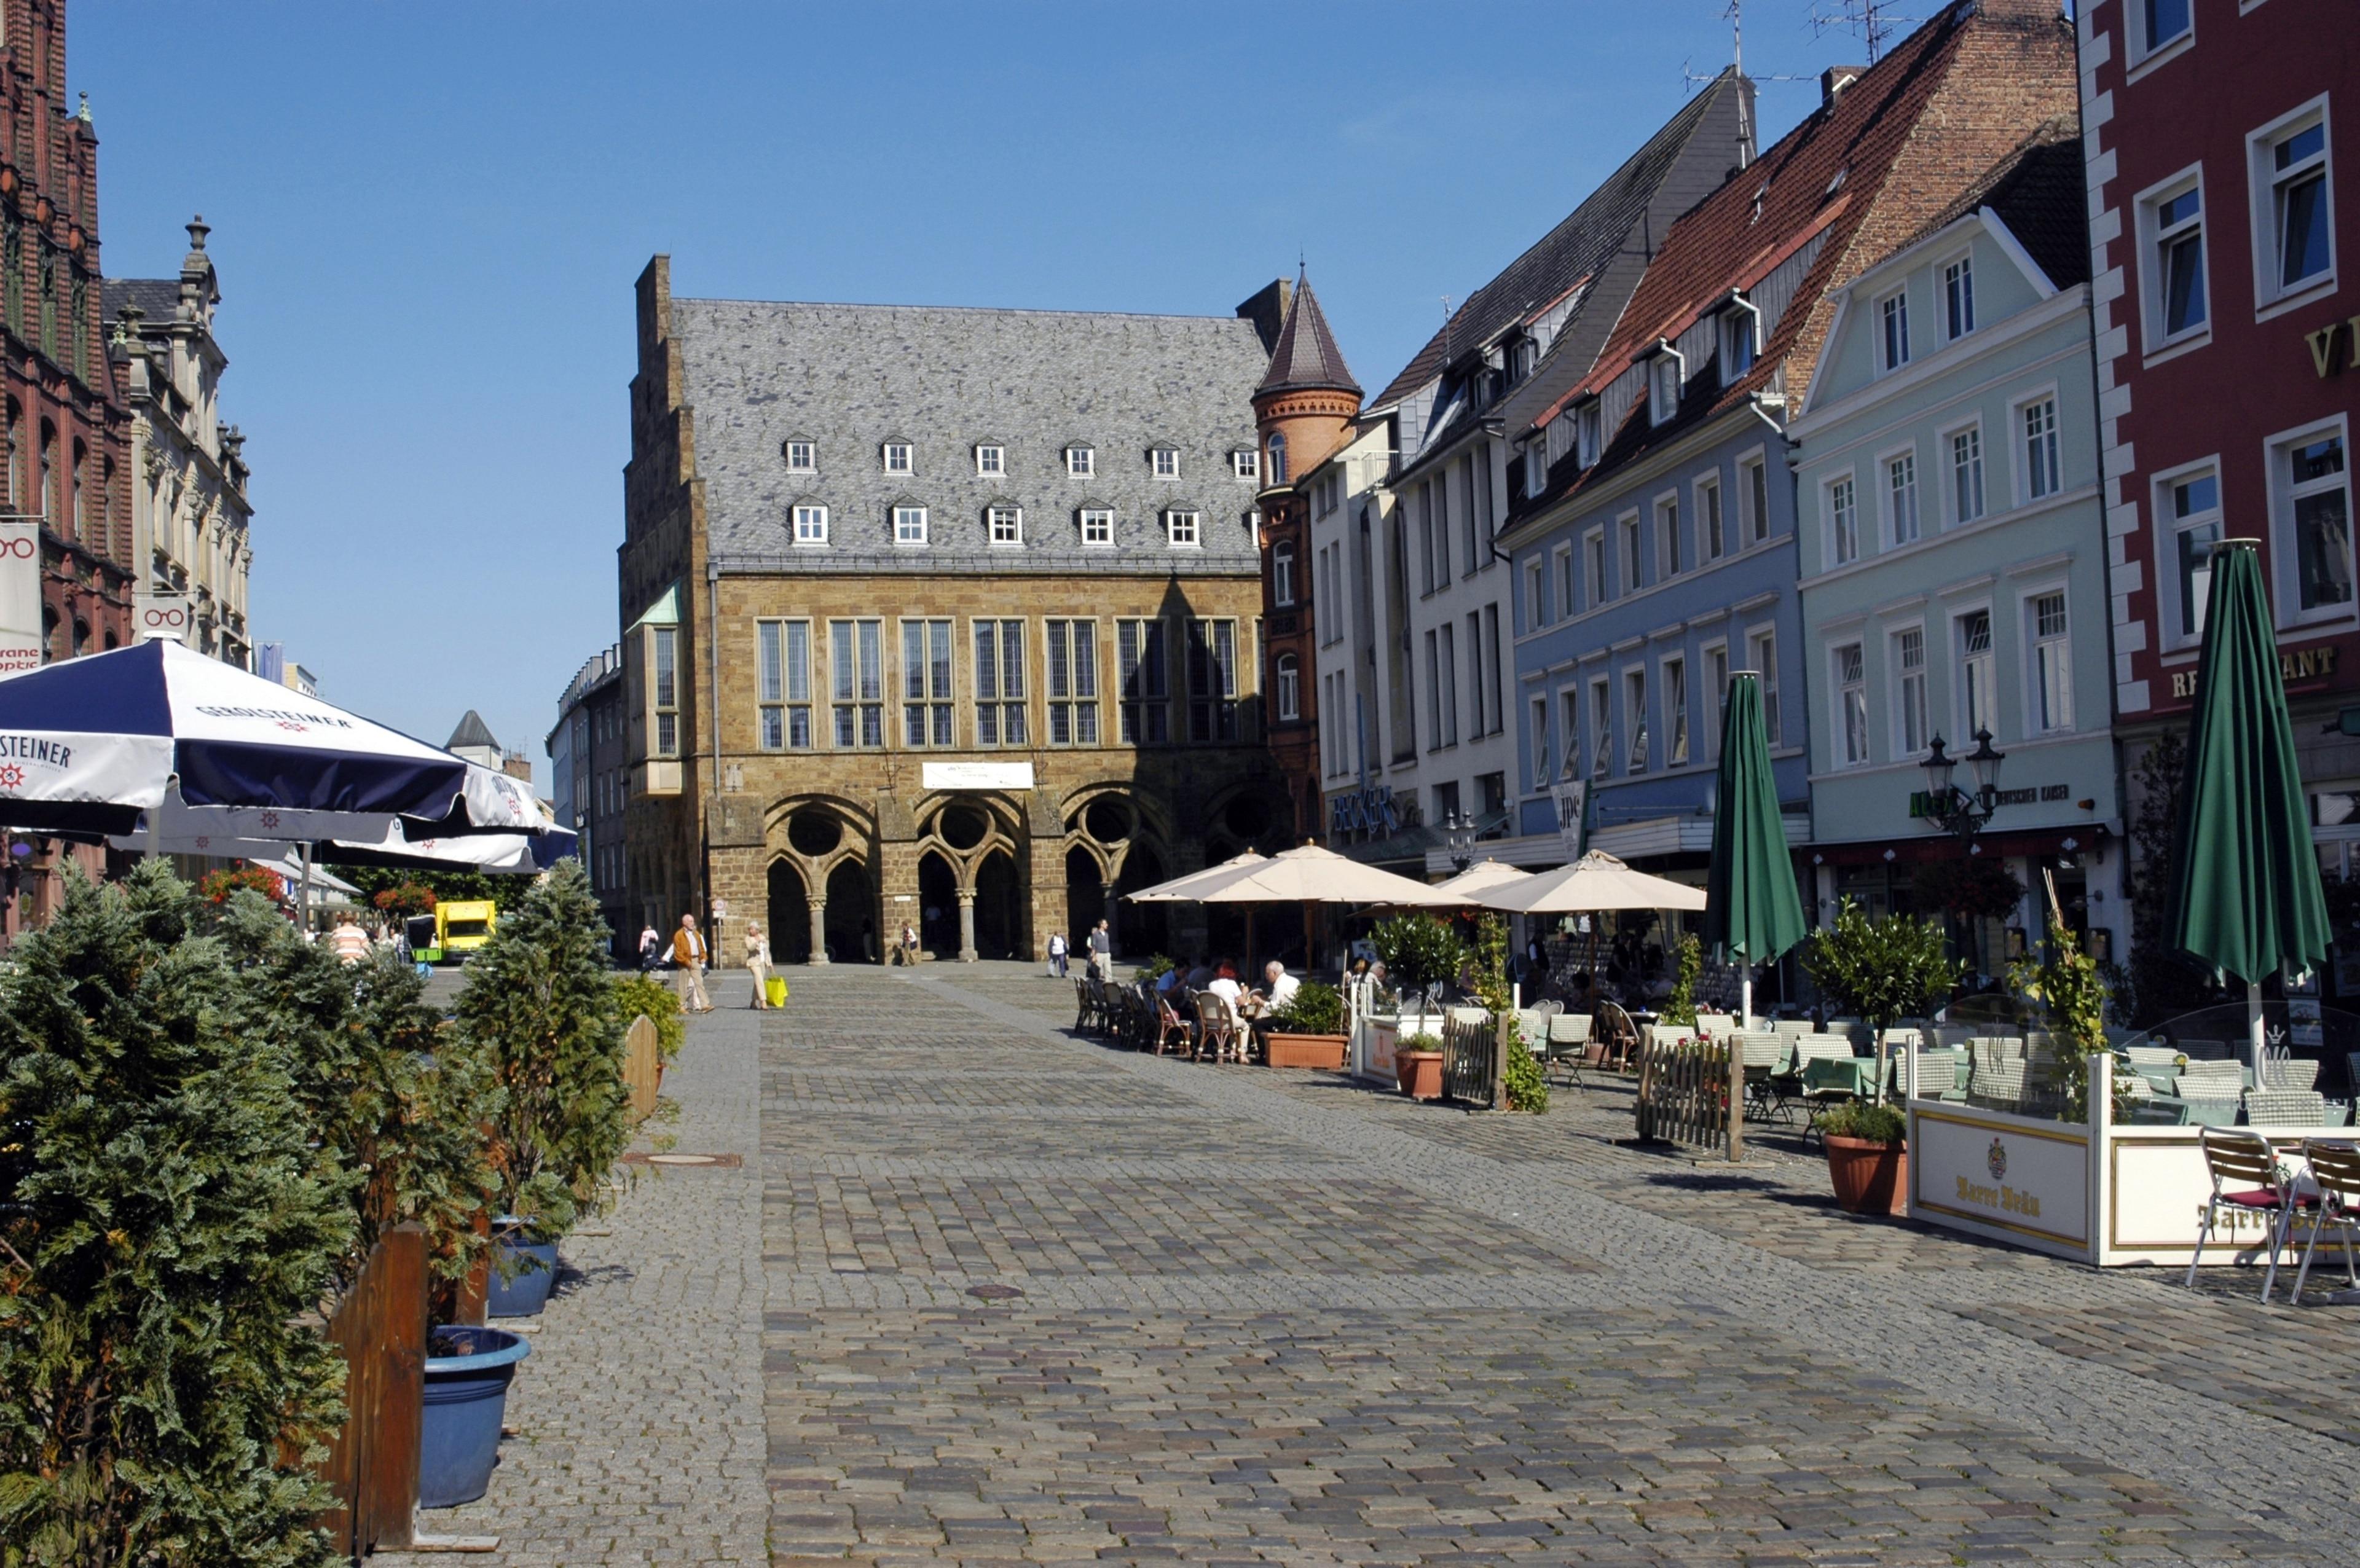 Minden, Noordrijn-Westfalen, Duitsland